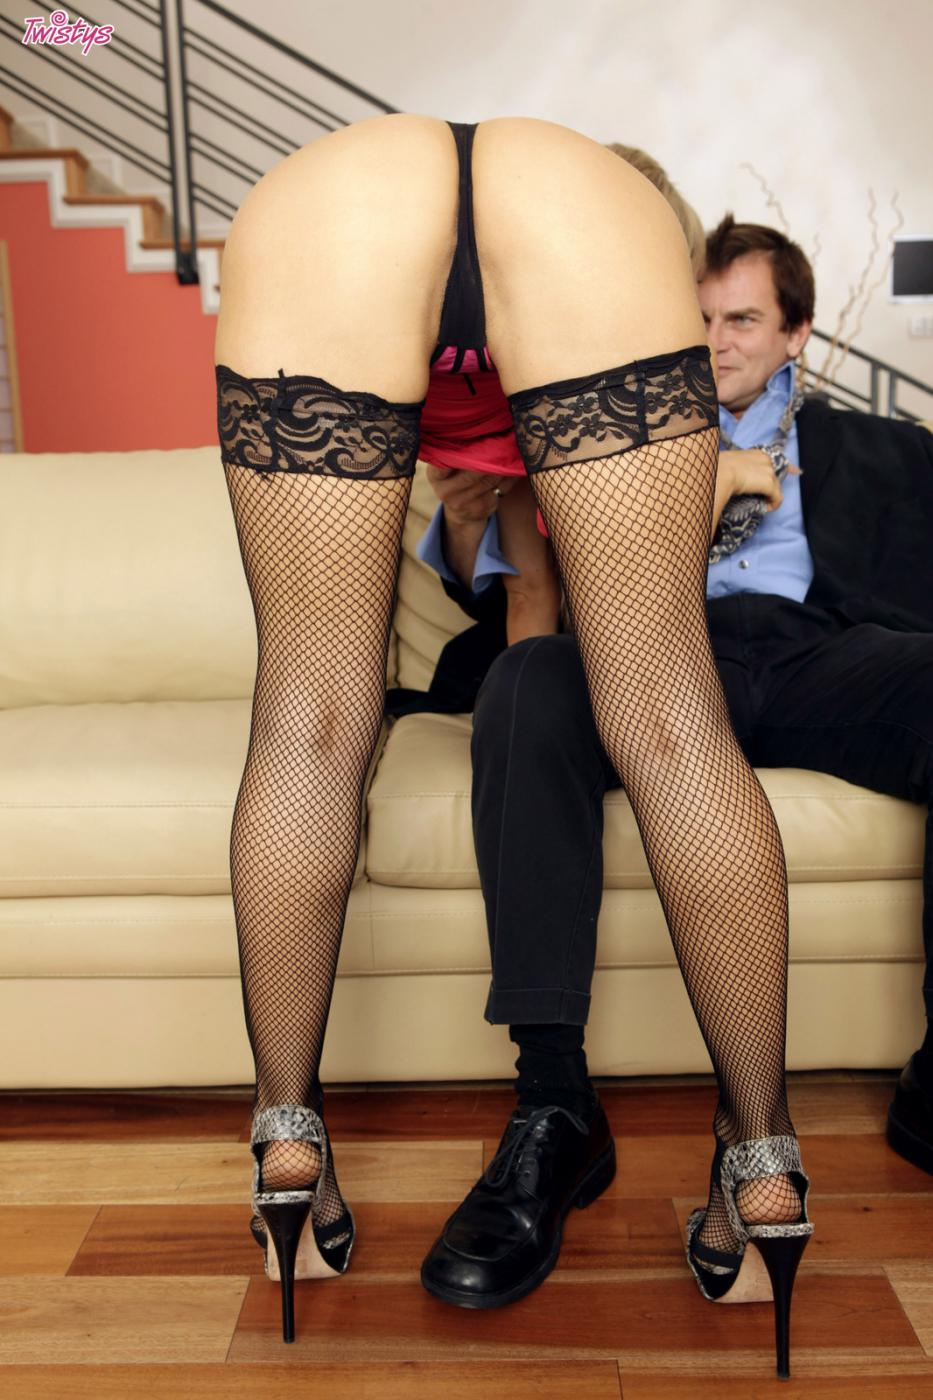 Грязная светловолосая девушка Алеска Даймонд смачно отсасыват и скачет на фаллосе